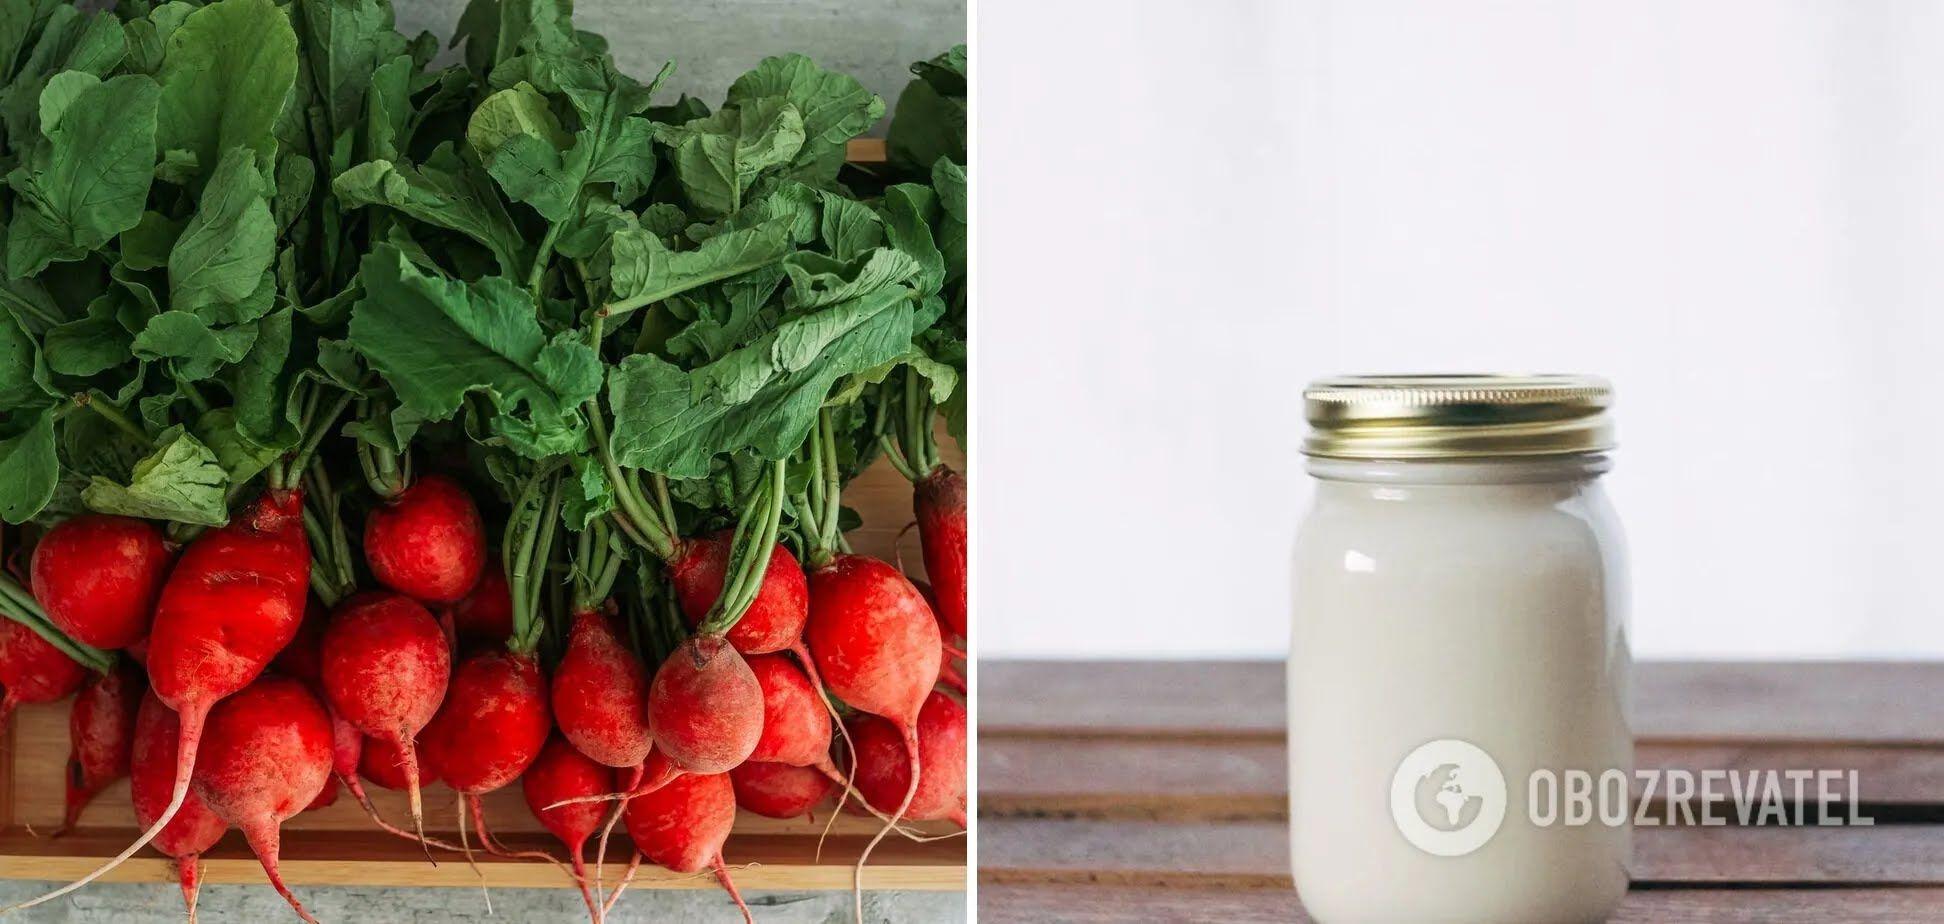 Редис и йогурт – несовместимые продукты